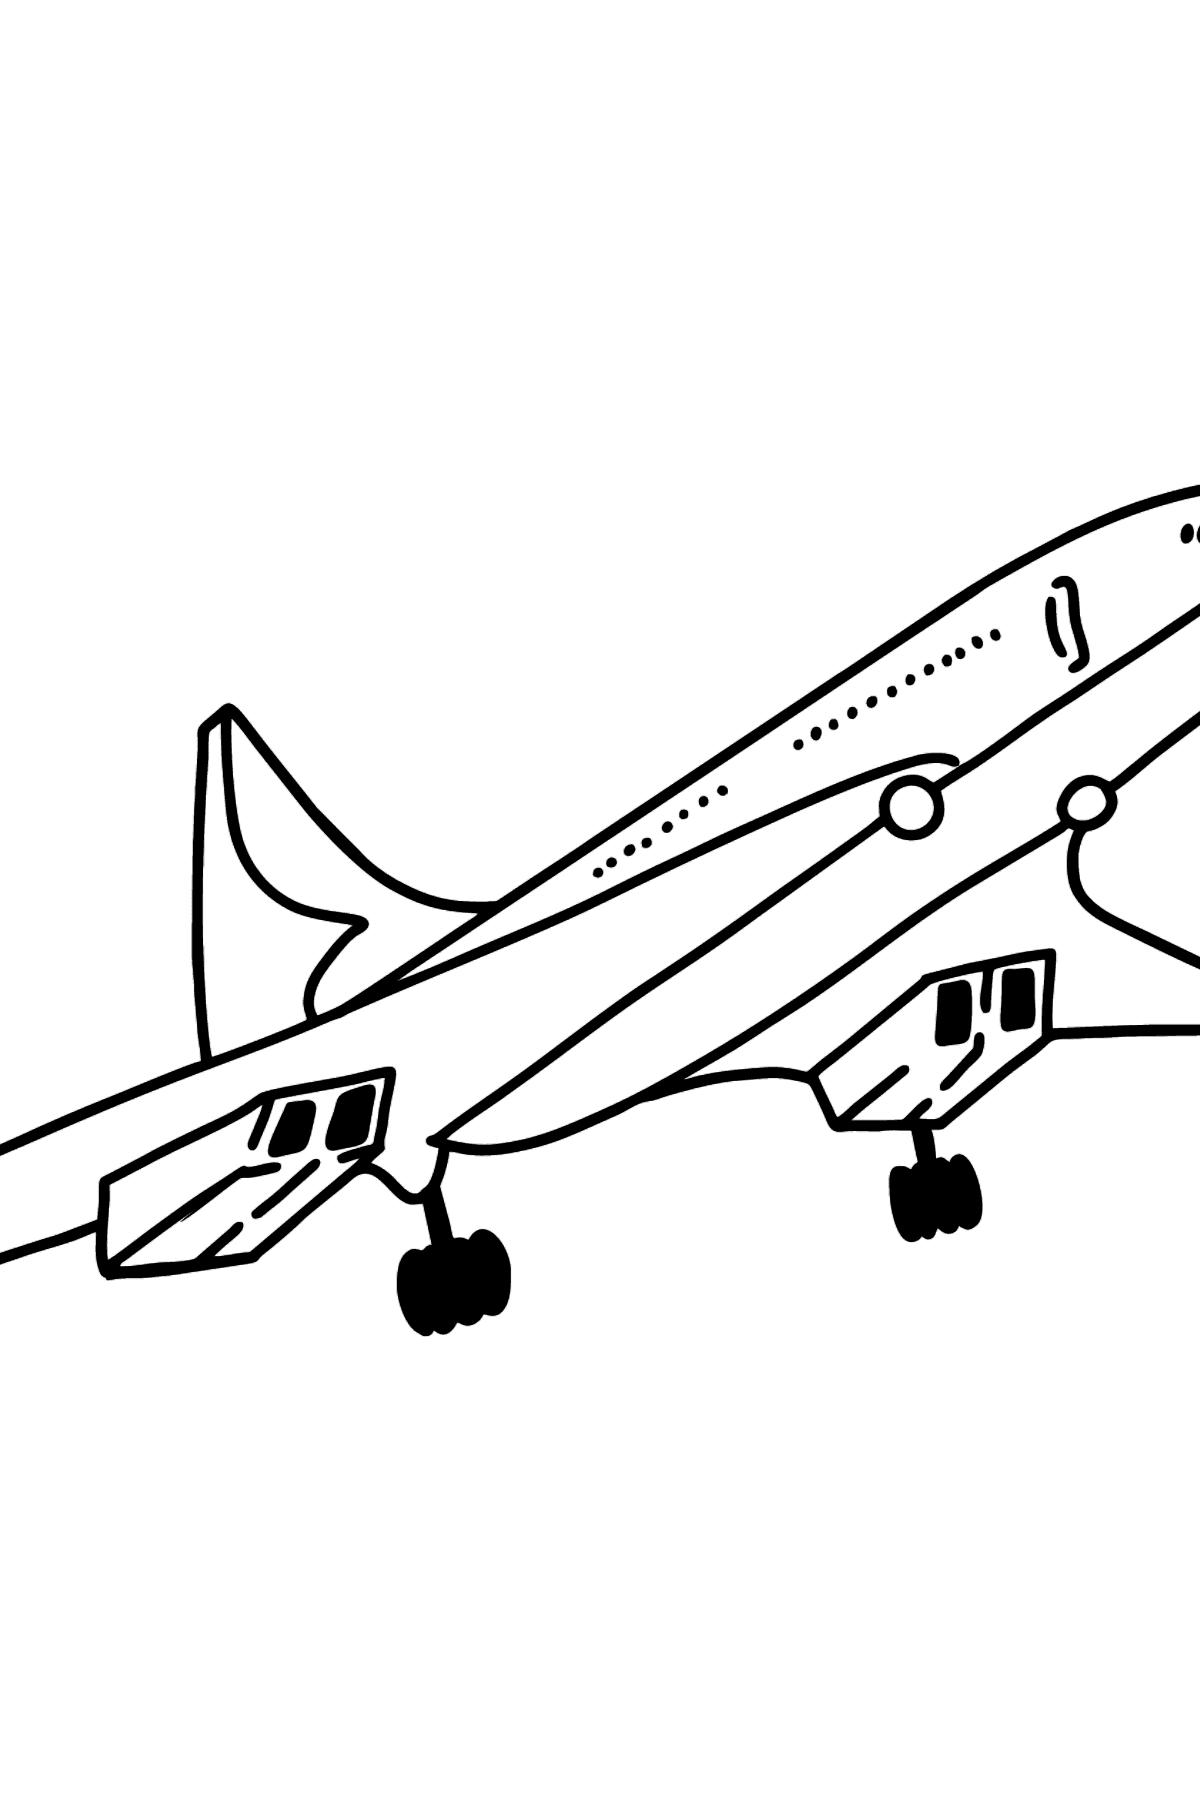 Concorde Ausmalbild - Malvorlagen für Kinder